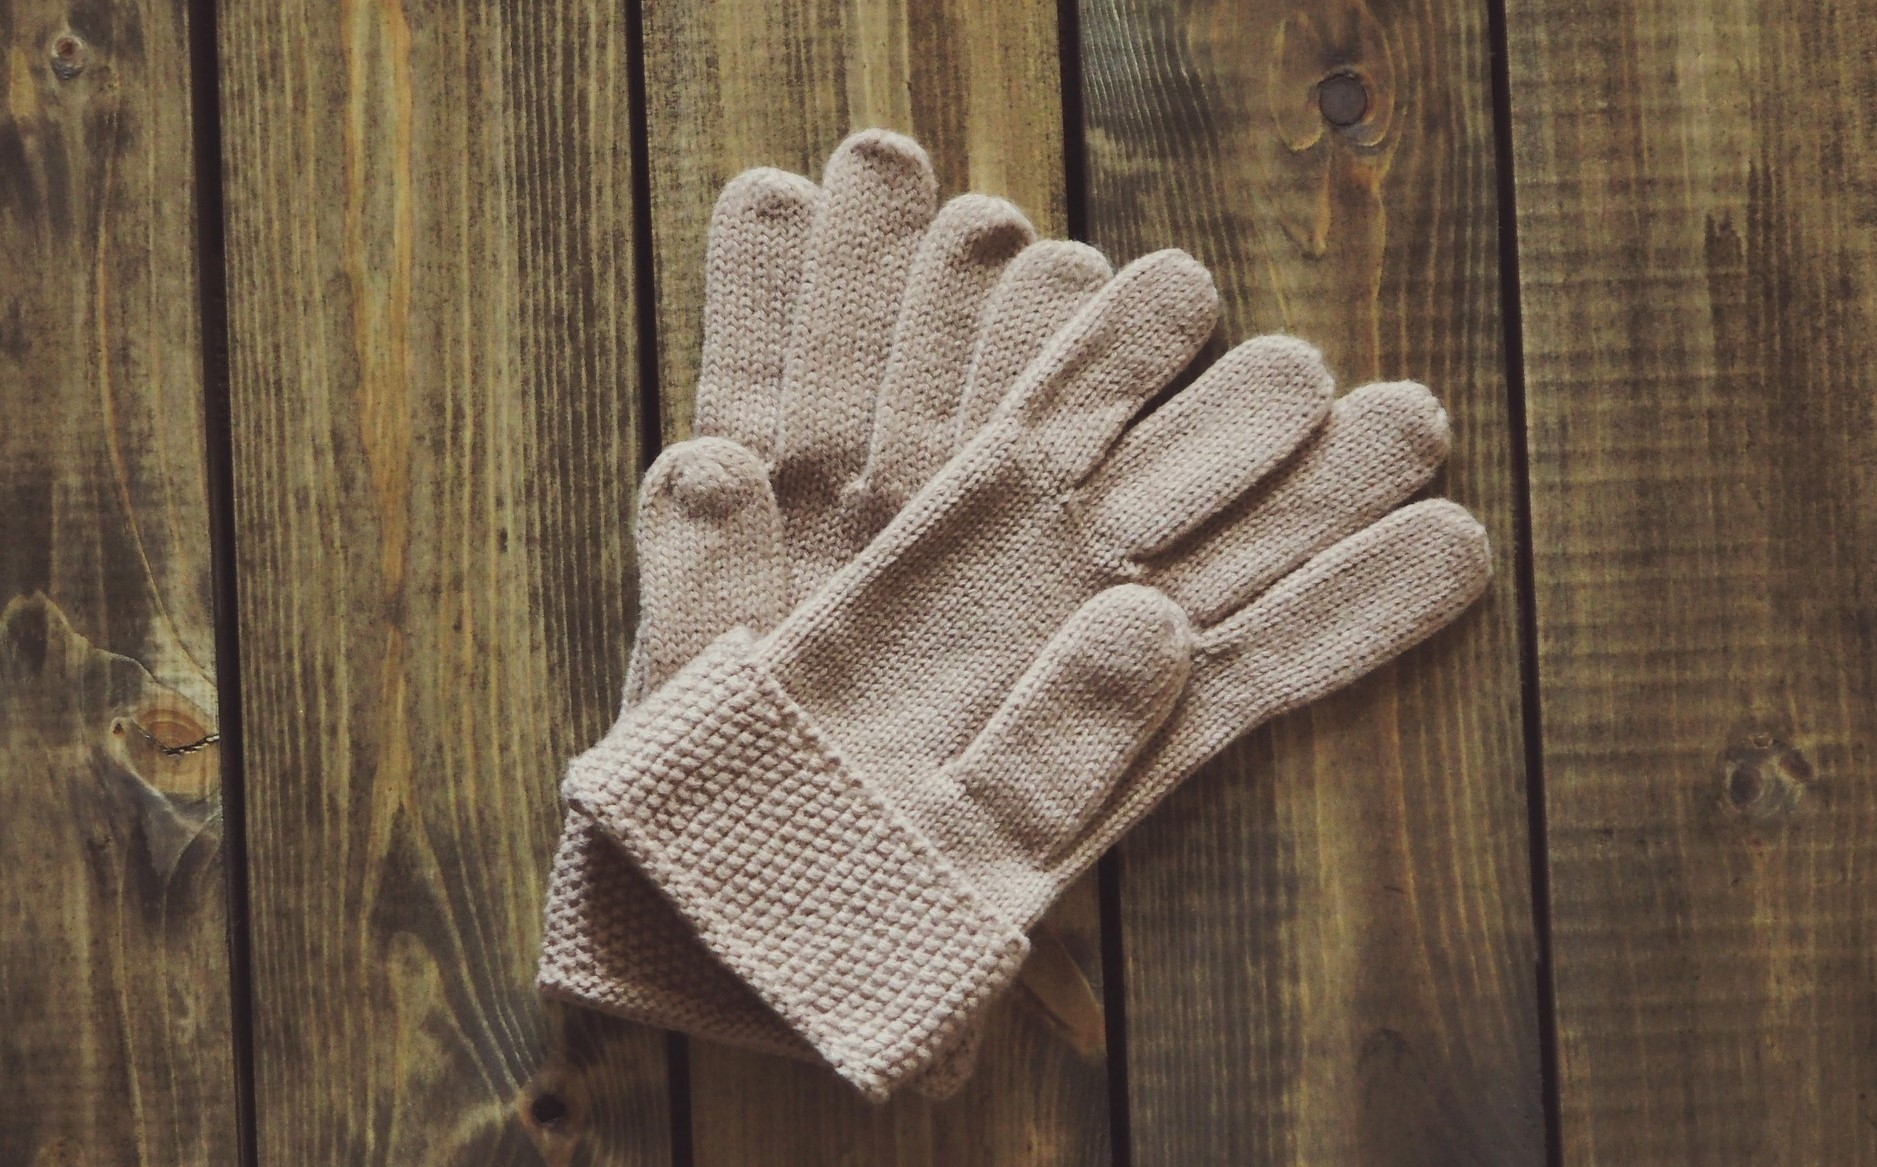 gloves-1268930_1920 (2)